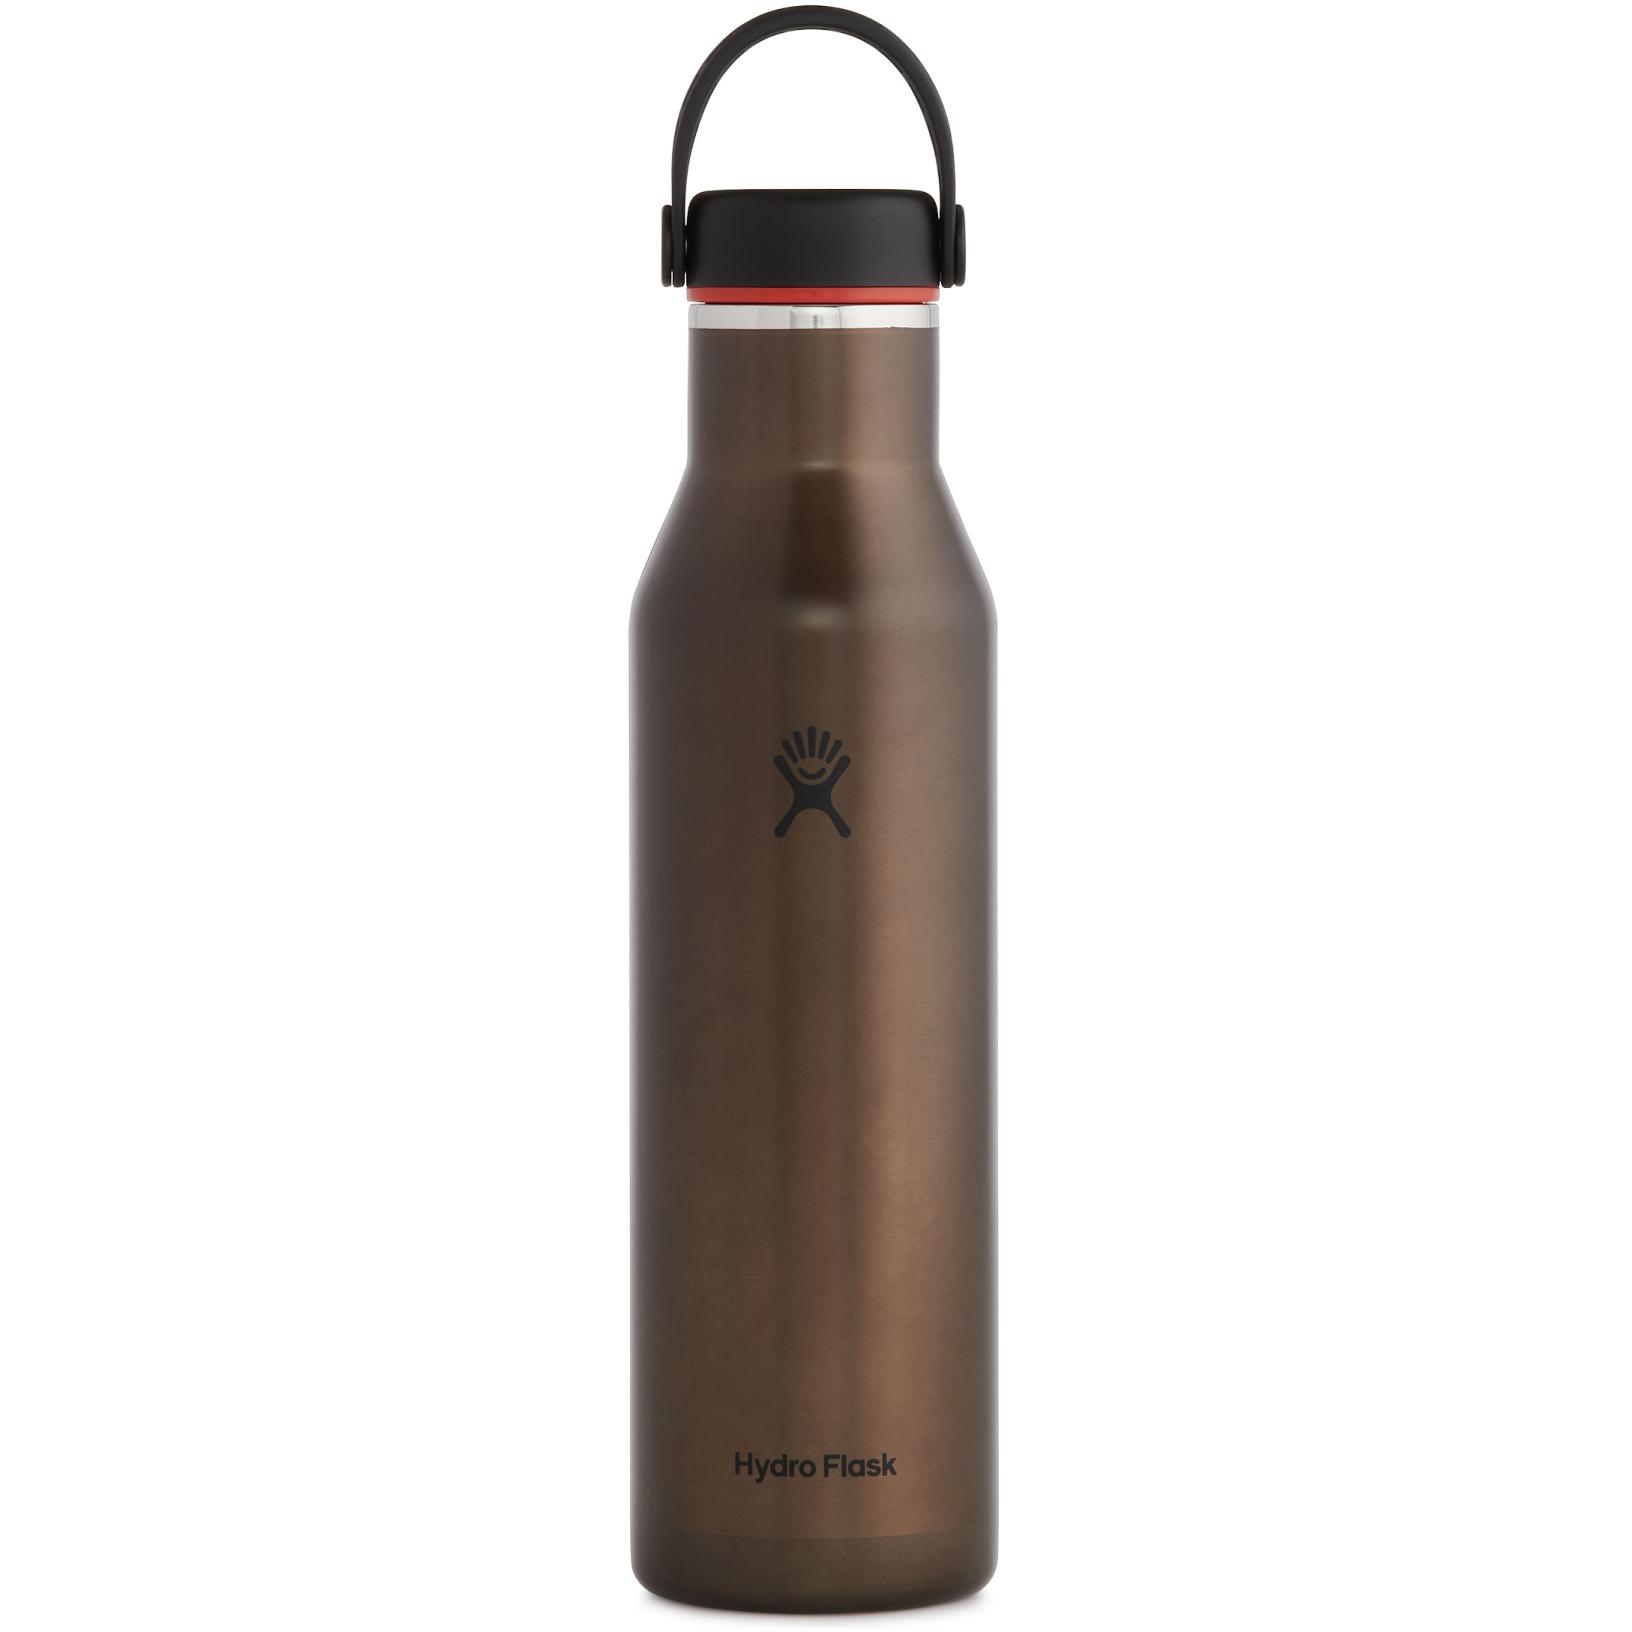 Produktbild von Hydro Flask 21oz Lightweight Standard Flex Cap Thermoflasche - 621ml - Obsidian